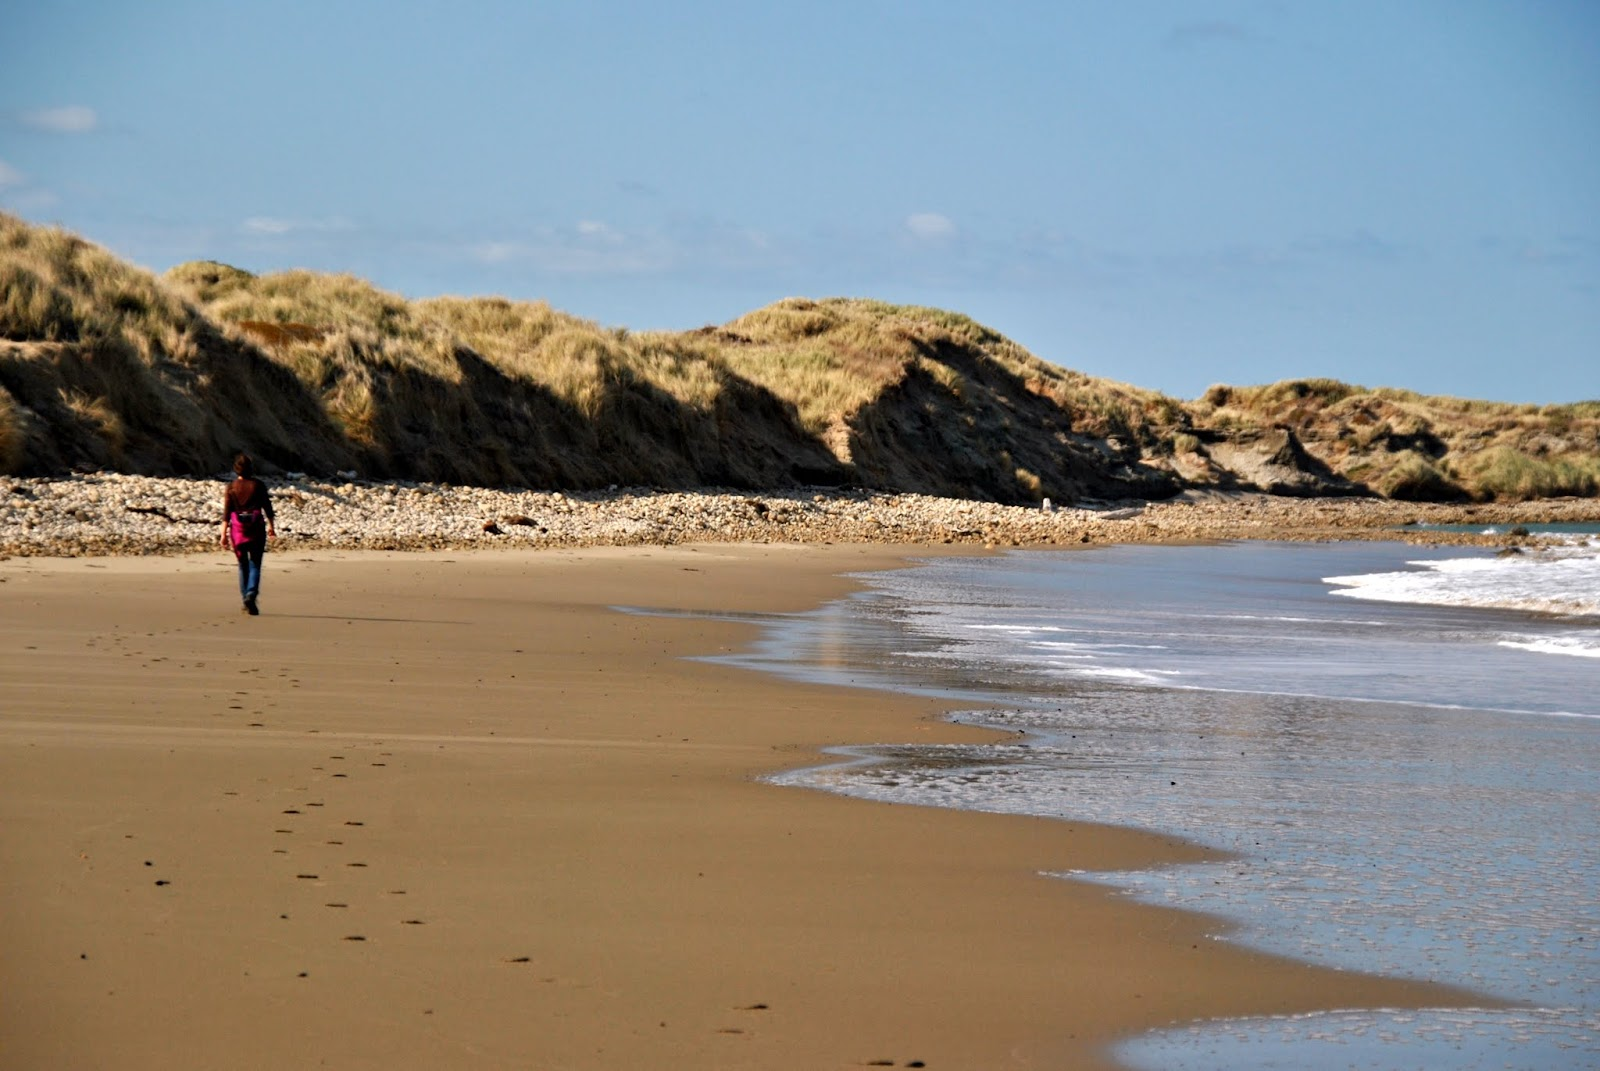 Tenminste, het strand was prachtig...